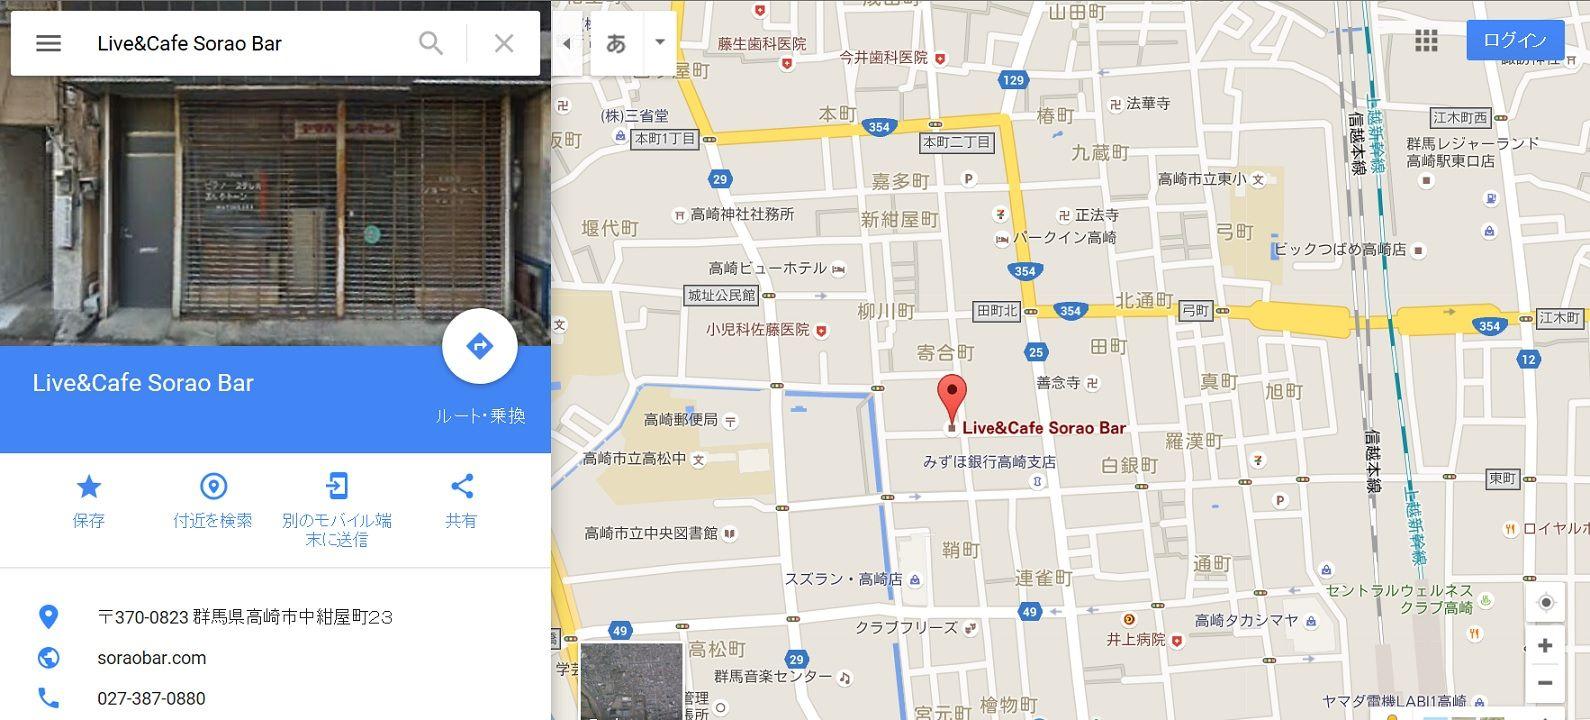 MAP horiken 高崎ツァー2016 0702